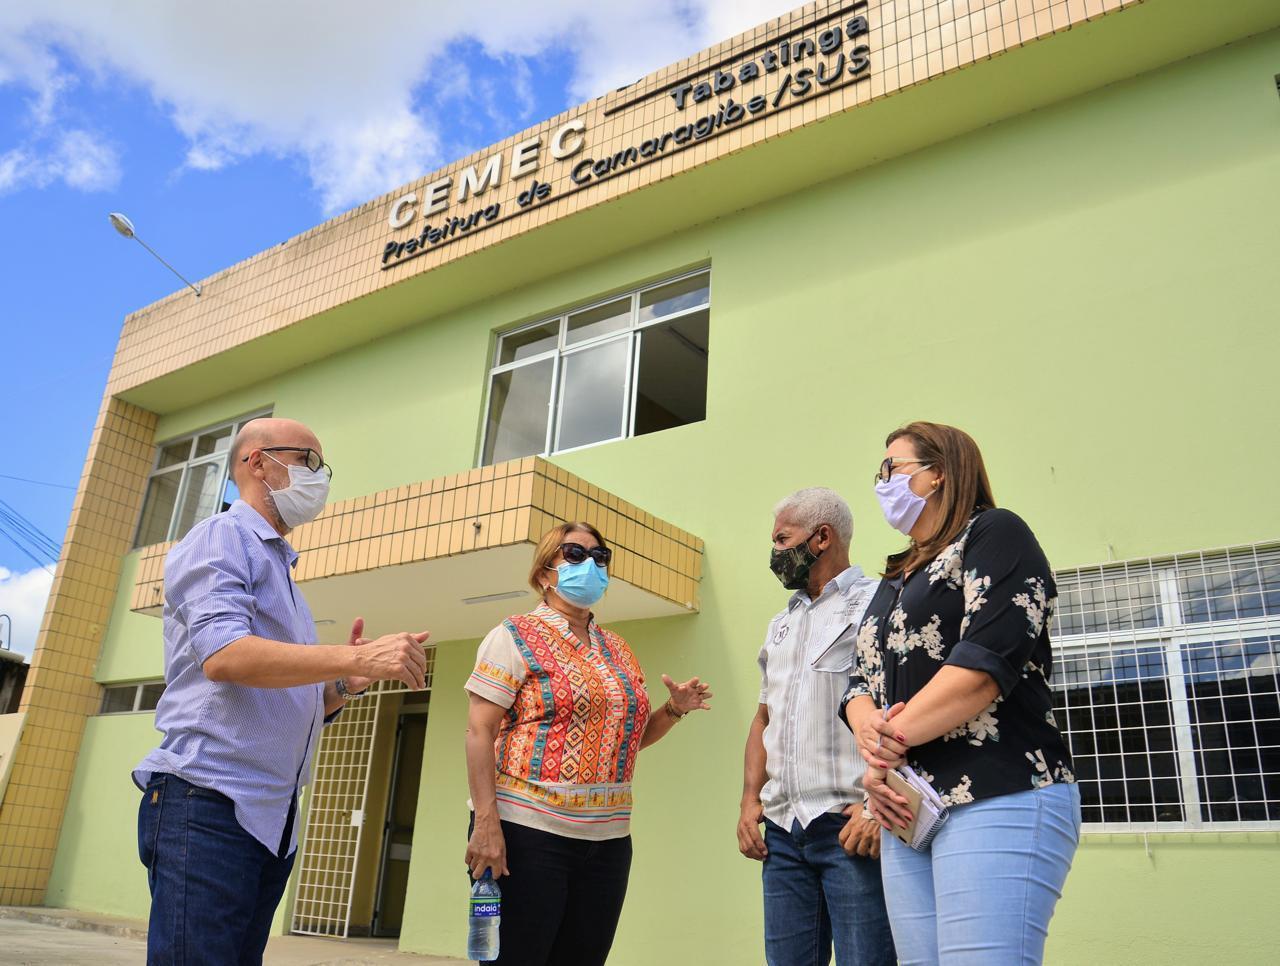 Prefeitura de Camaragibe reabre centro médico em Tabatinga nesta sexta-feira